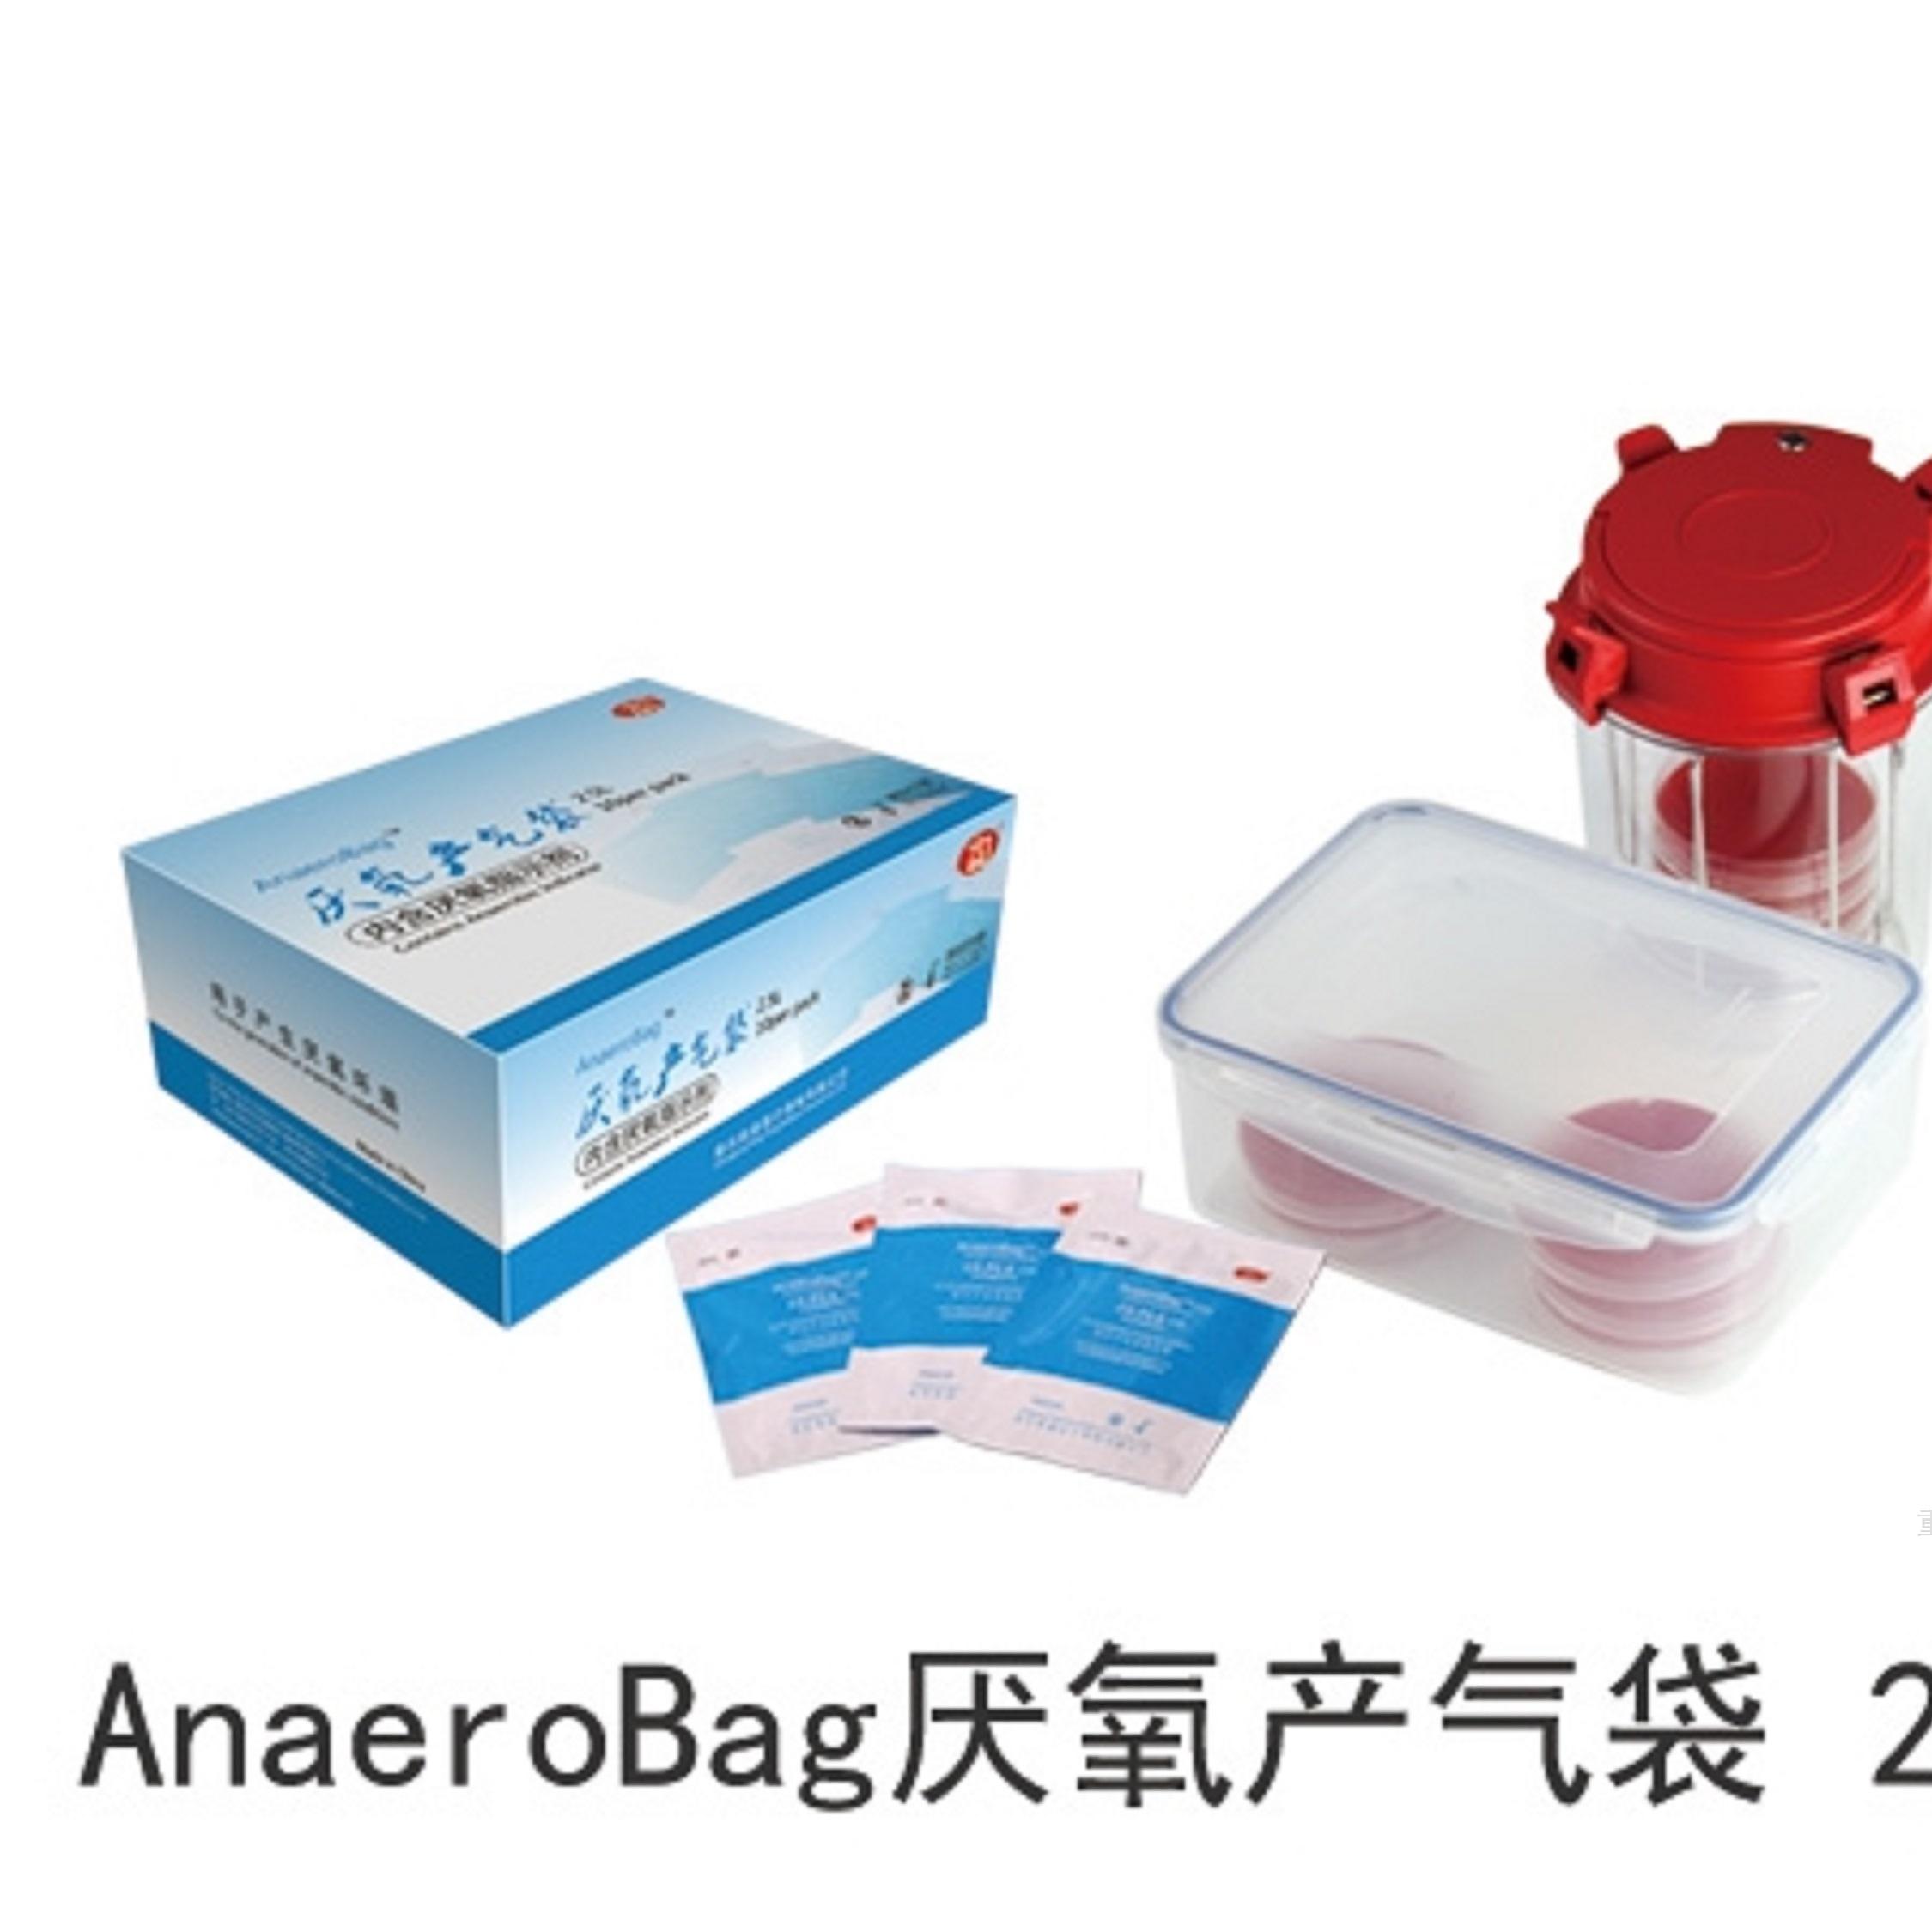 厌氧微需氧培养系统